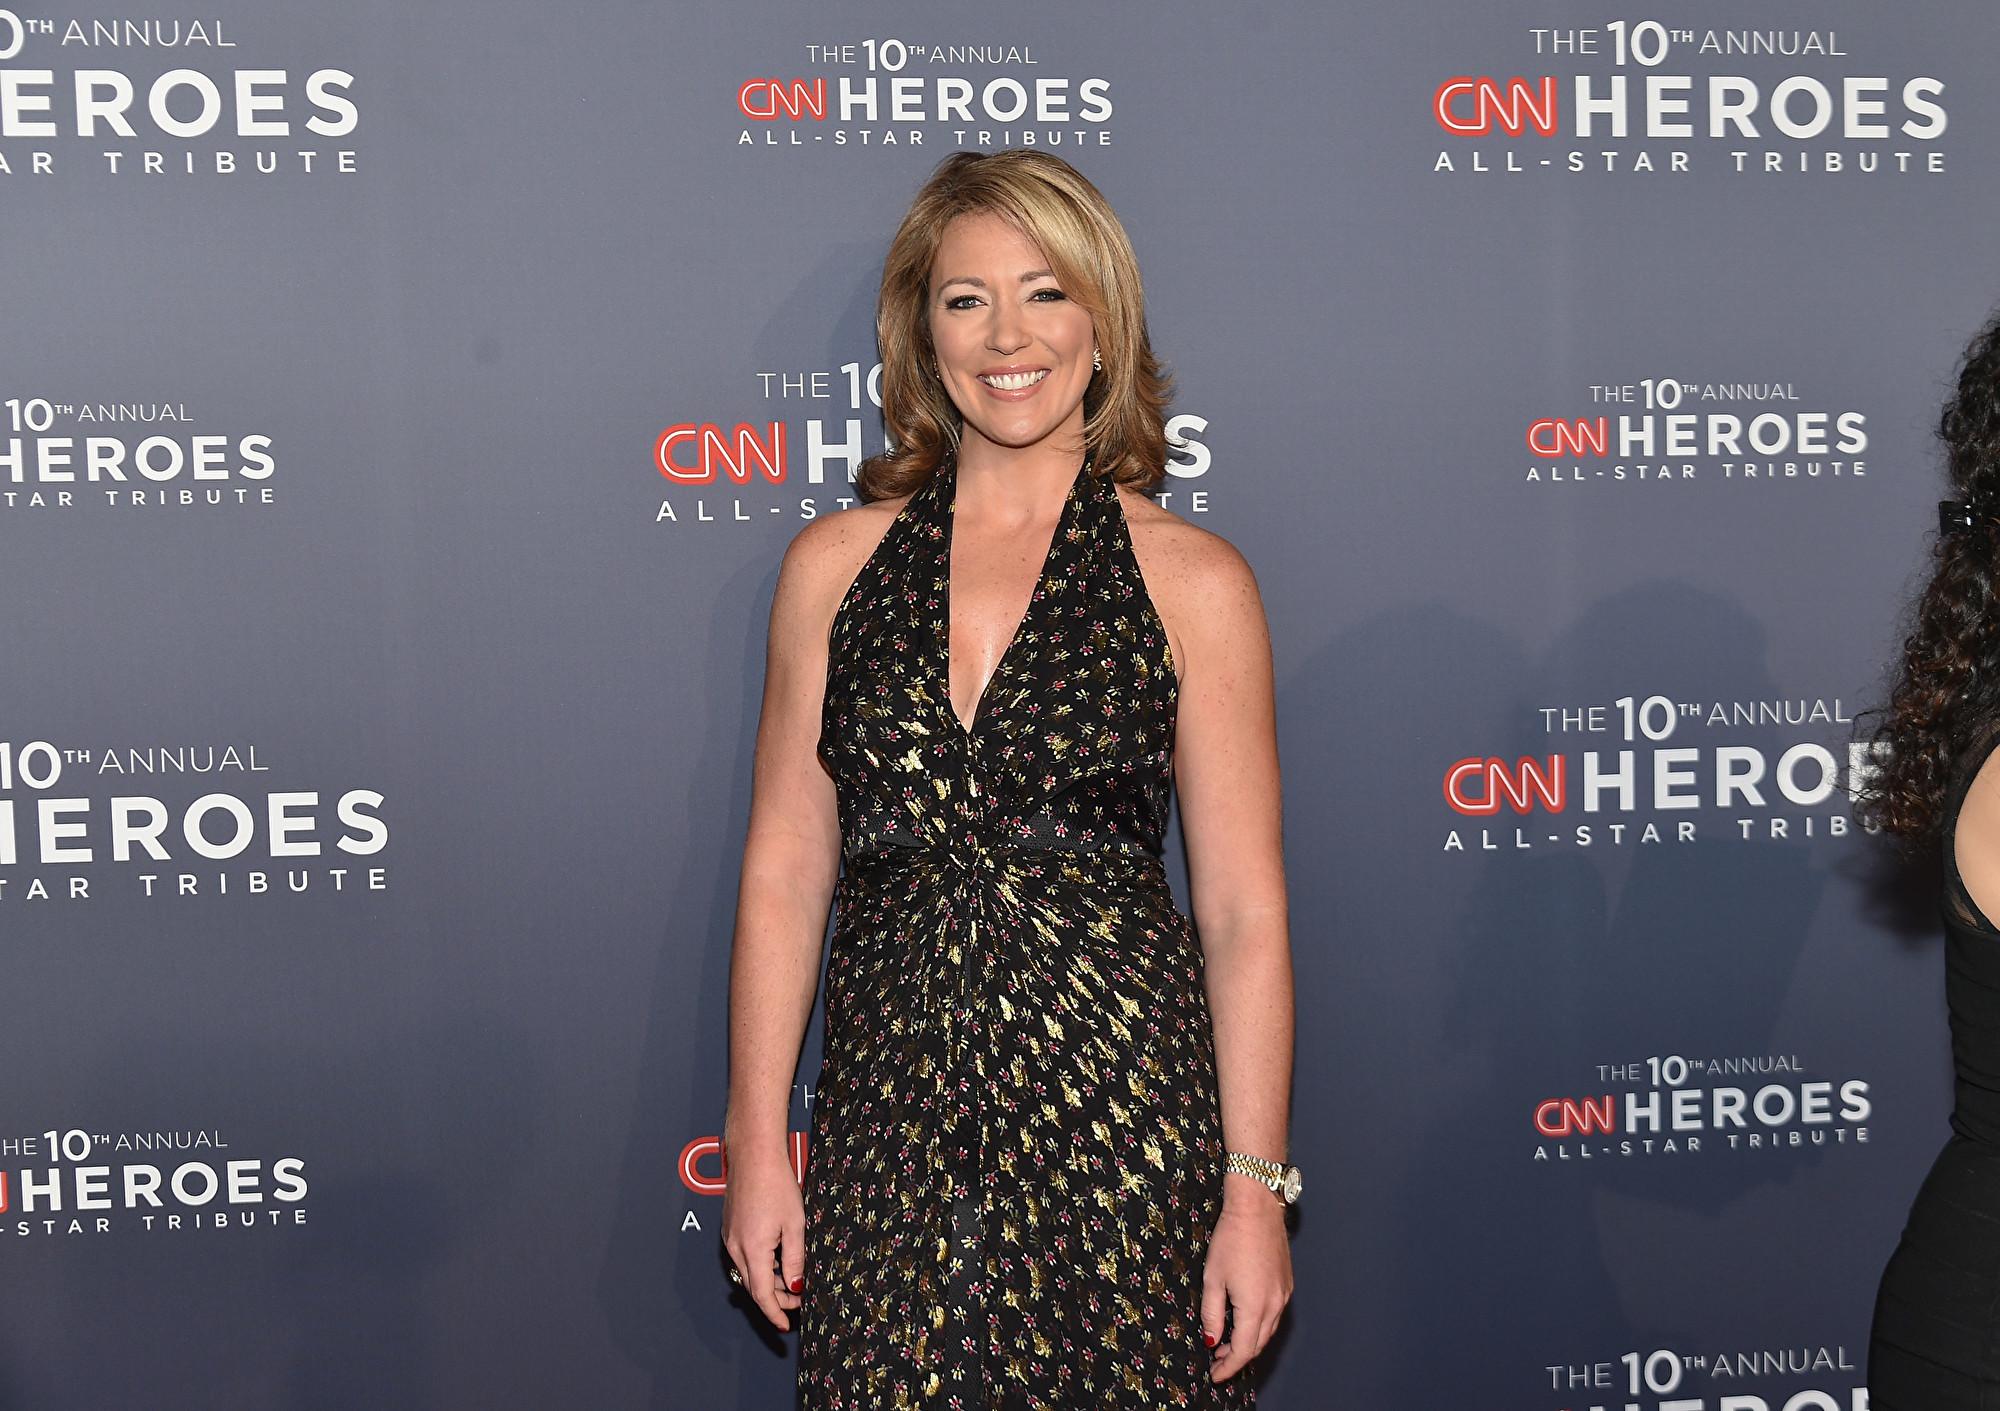 國有線電視新聞網(CNN)女主播布魯克‧鮑德溫(Brooke Baldwin)周五(4月3日)宣佈,在一天前出現症狀後,她的冠狀病毒(中共病毒)檢測呈陽性。(Mike Coppola/Getty Images for Turner)